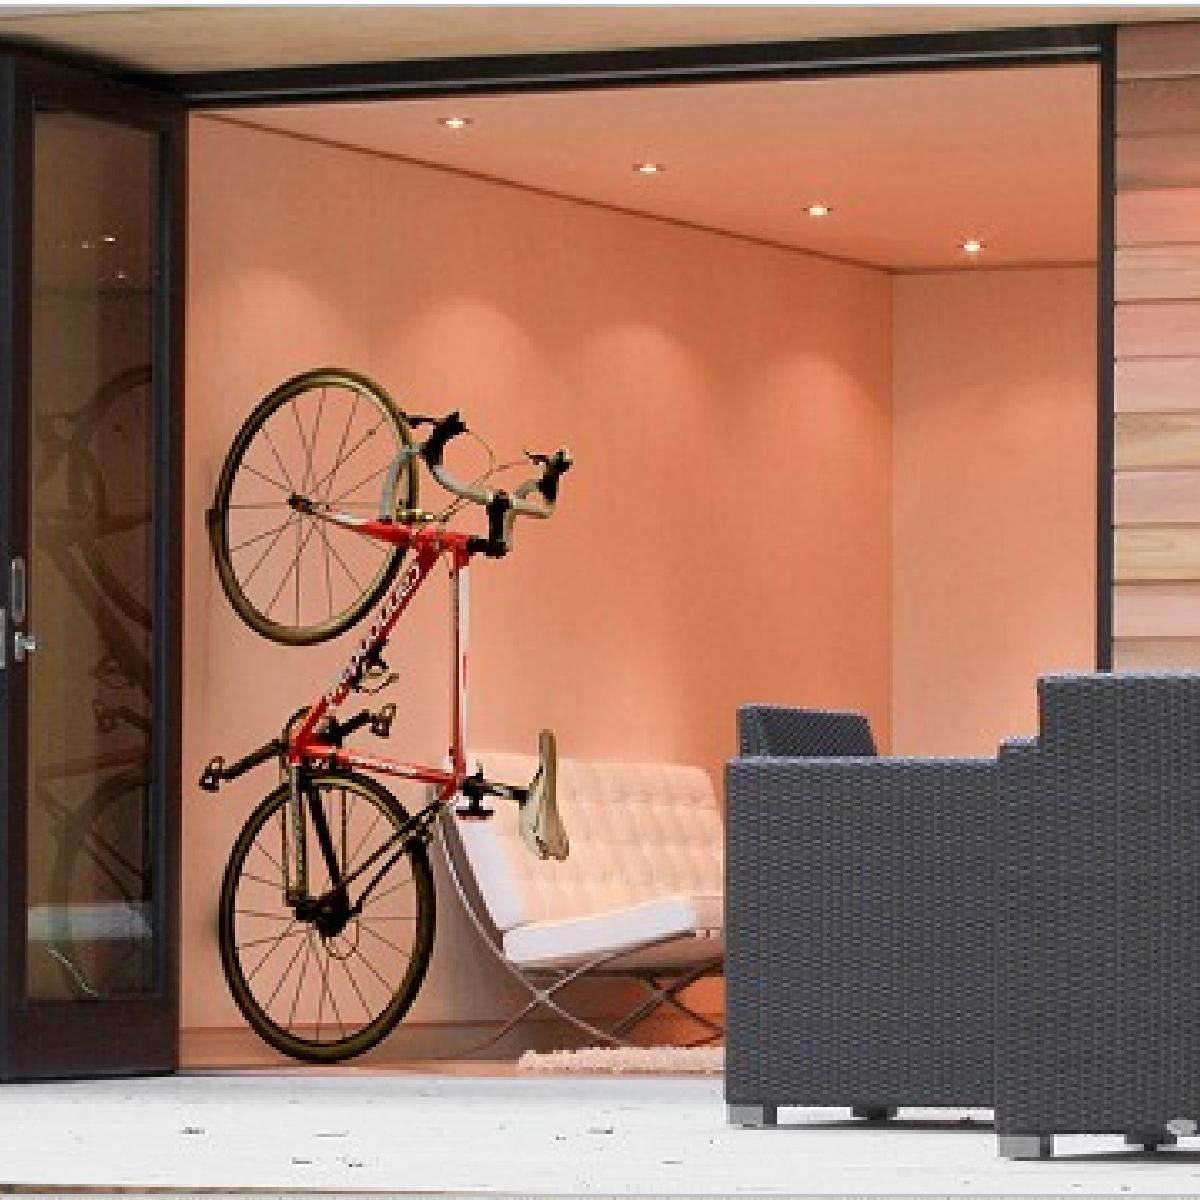 cadeaux 2 ouf id es de cadeaux insolites et originaux clug un support pour ranger son. Black Bedroom Furniture Sets. Home Design Ideas